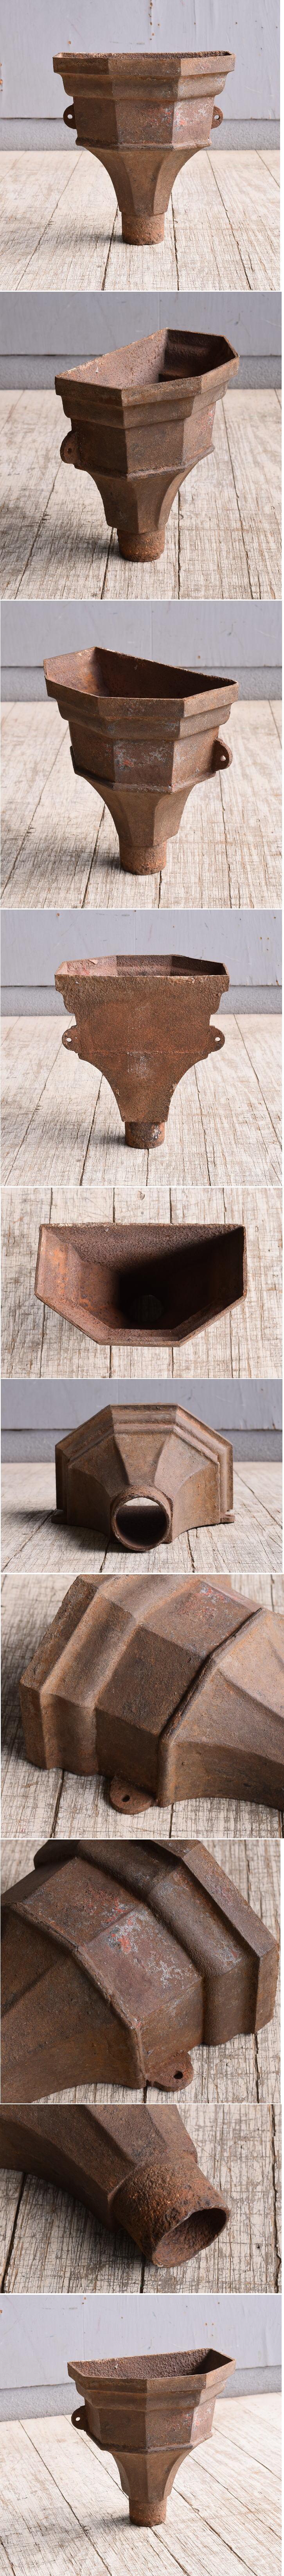 イギリス アンティーク ドレインホッパー 壁掛けプランター10084